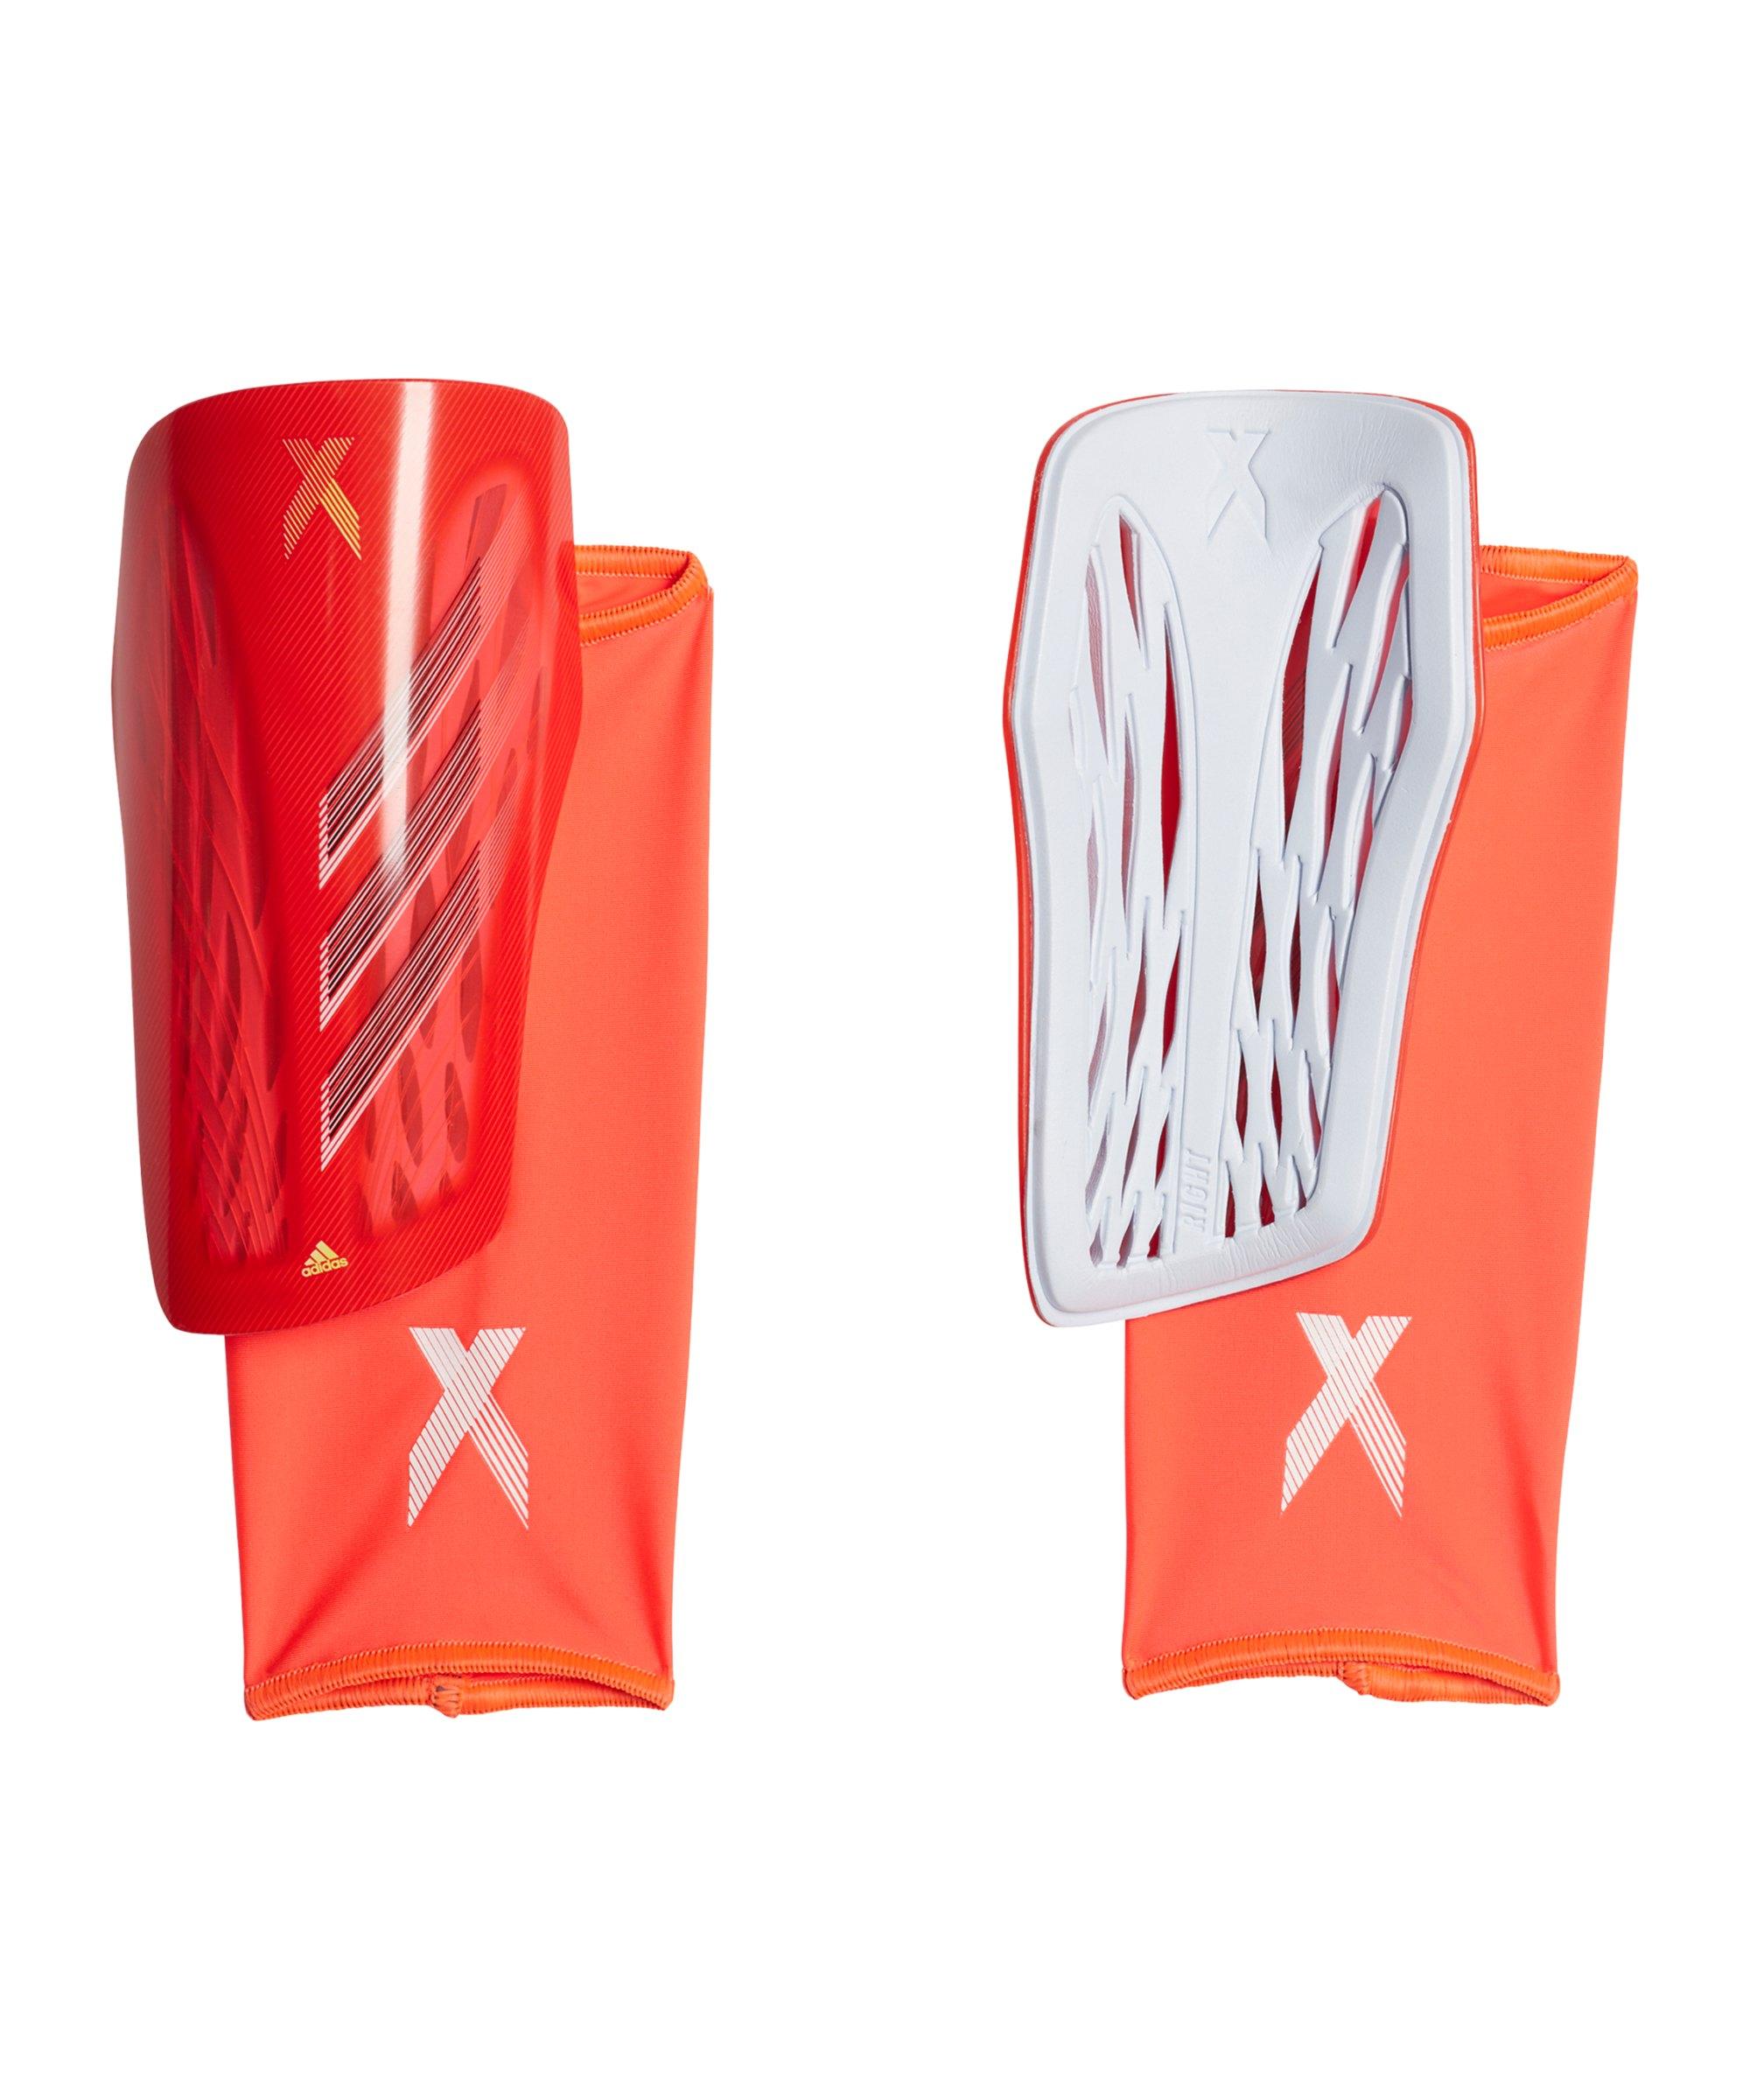 adidas X LGE Meteorite Schienbeinschoner Rot Gelb - rot